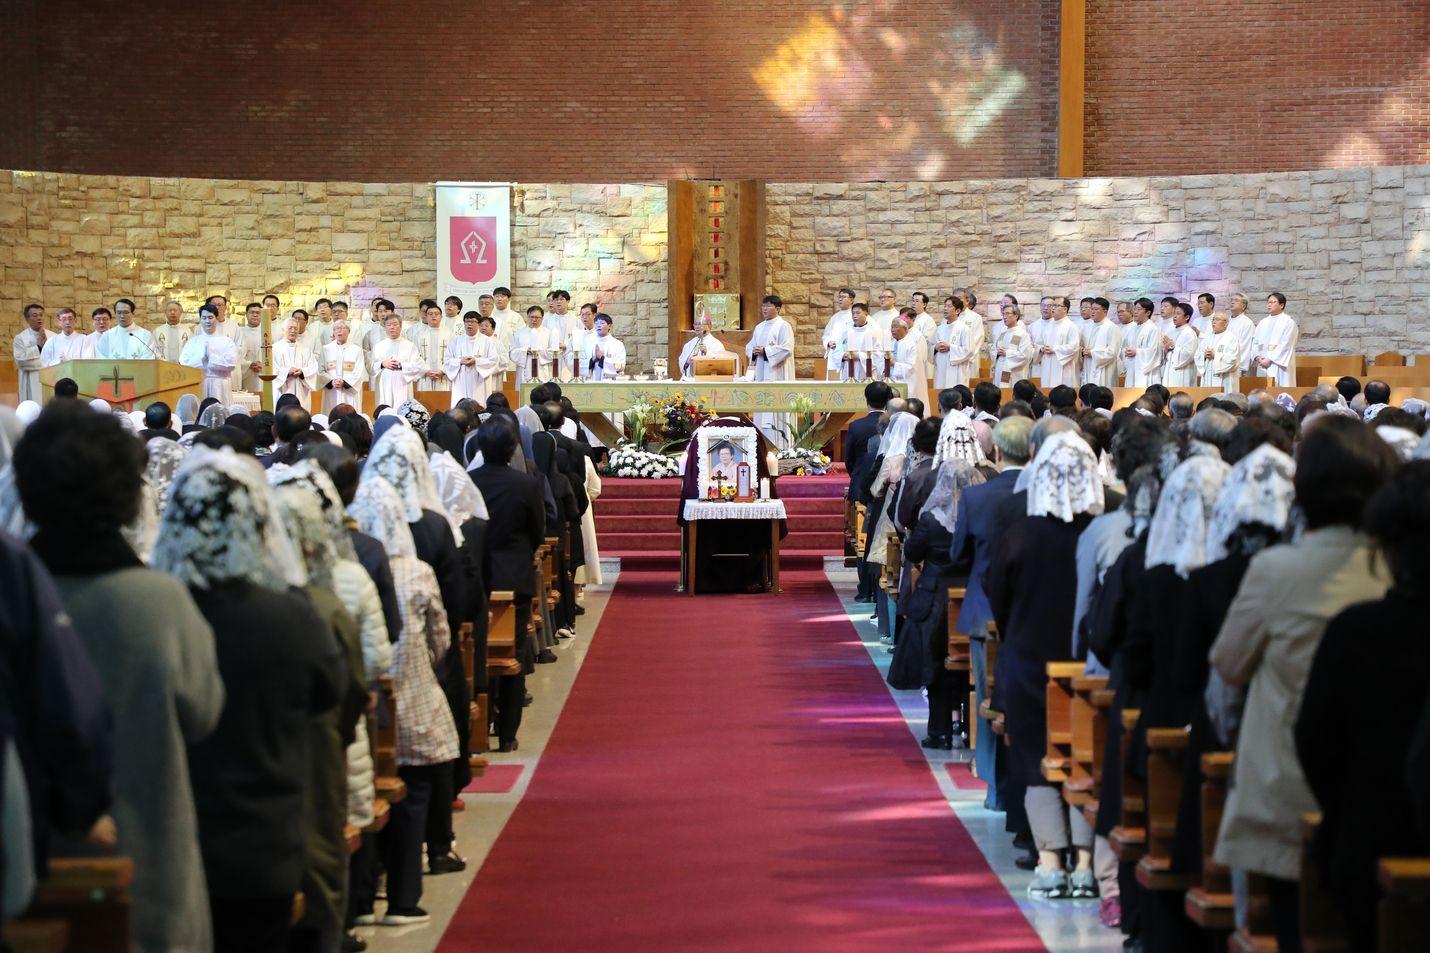 Ihmiset osallistuivat Etelä-Korean presidentin Moon Jae-inin äidin hautajaisiin Busanissa lokakuussa. Etelä-Koreassa on mahdollista kokea erikoisempiakin hautajaiskokemuksia. Hyowon Healing Center järjestää joukkohautajaisia eläville ihmisille. Tapahtumien avulla yritetään vähentää stressiä, ehkäistä itsemurhia ja muistuttaa, että elämä on arvokasta.